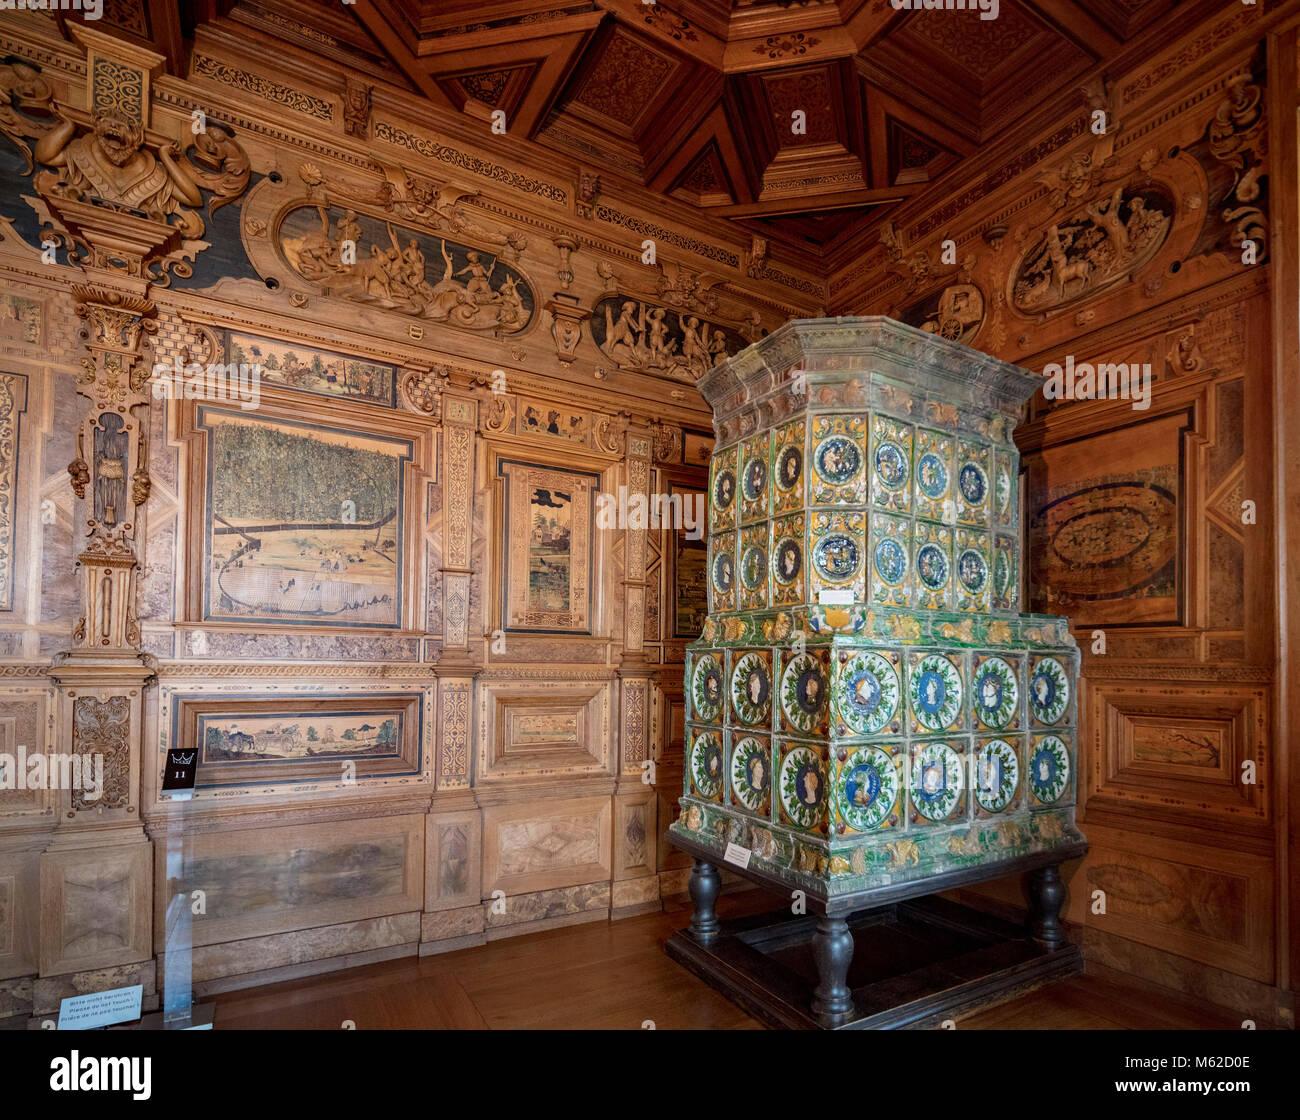 INTARSIA HUNTING ROOM with tiled stove made in 1540 in Nuremberg, Veste Coburg, Franconia, Bavaria, Germany - Stock Image